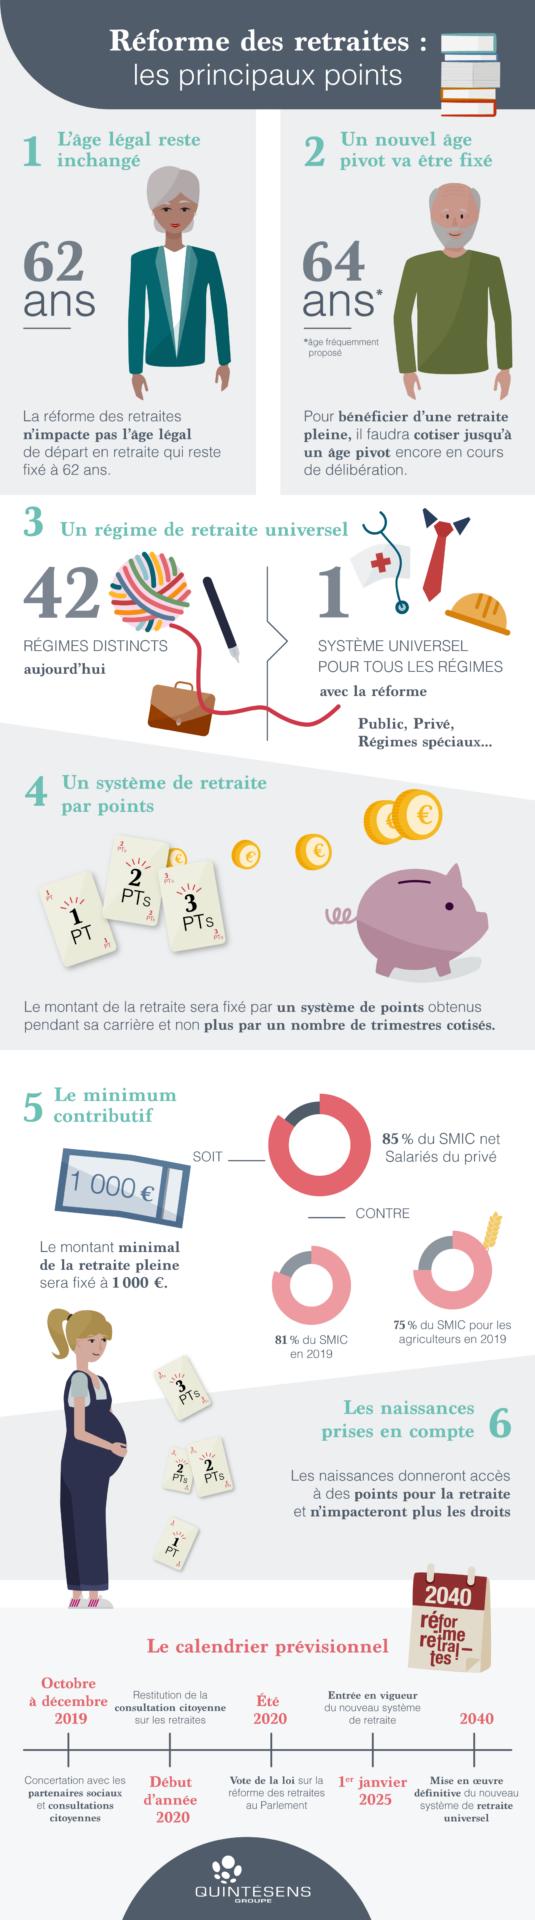 infographie - Réforme des retraites